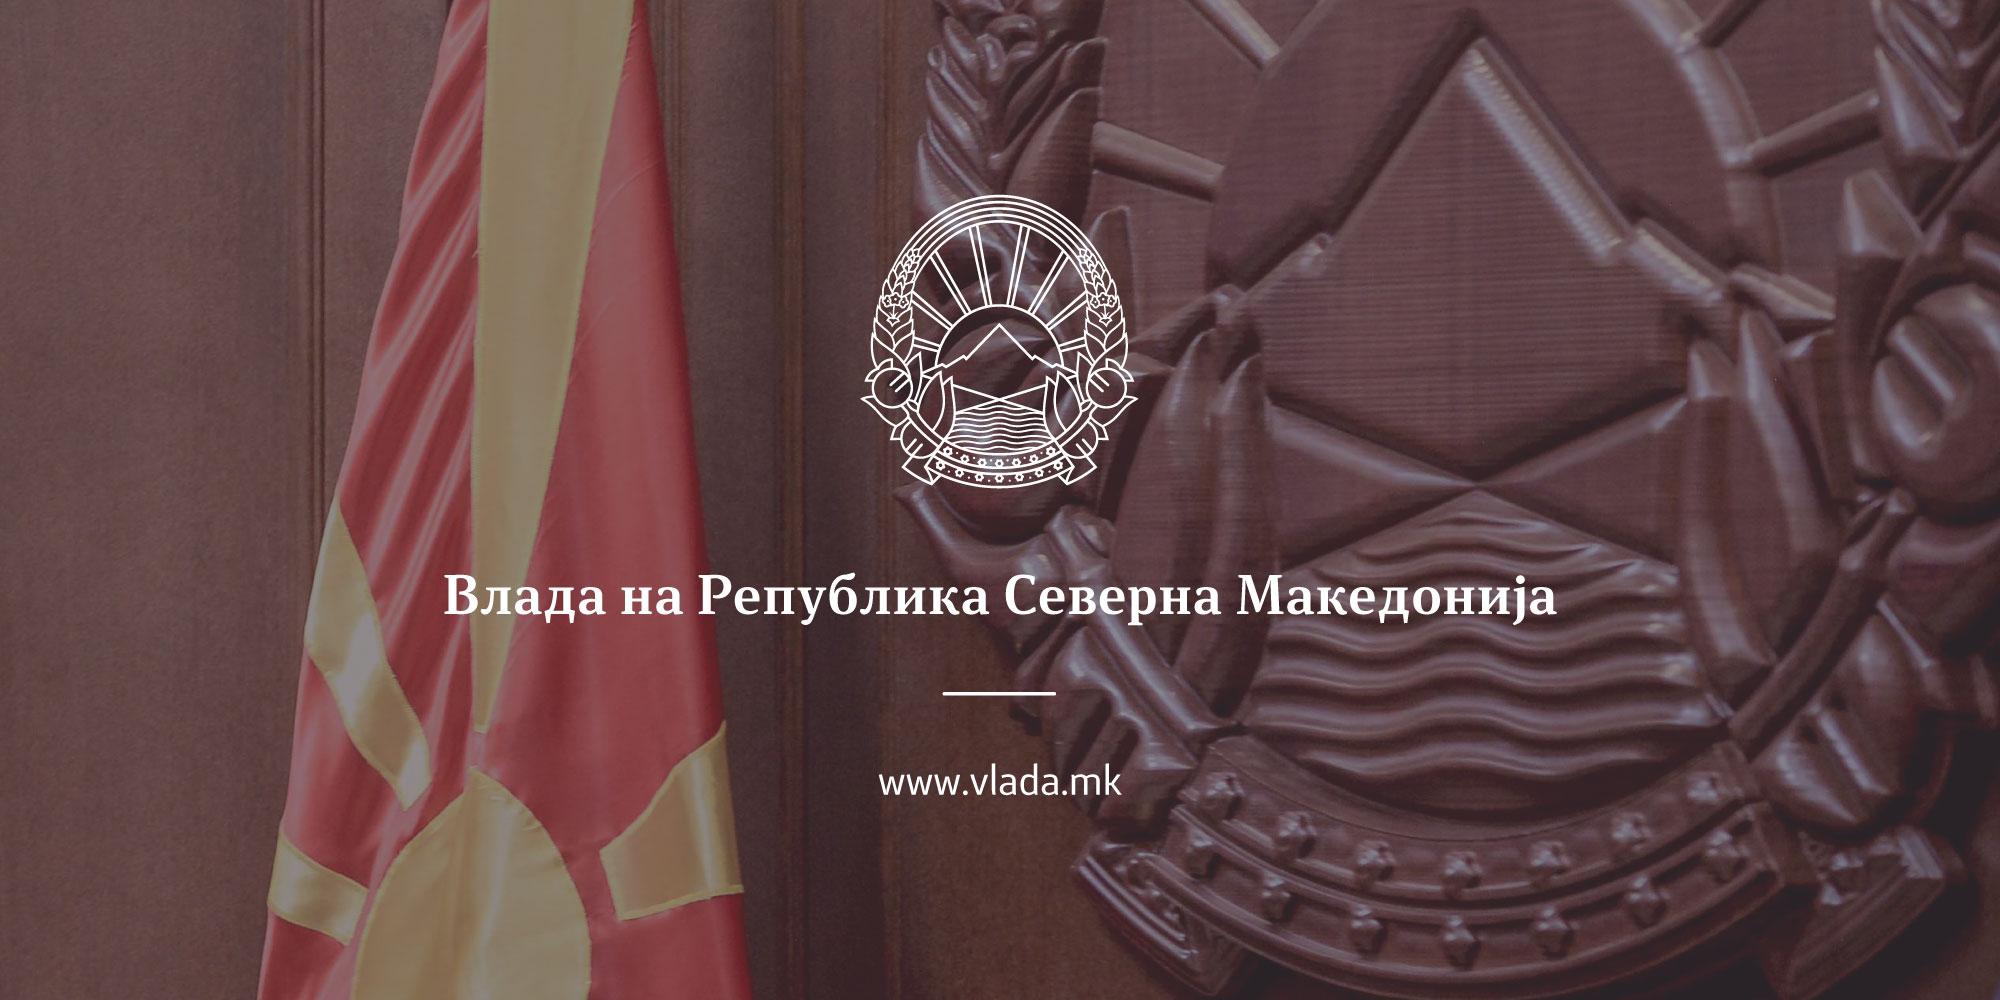 Демант на прес-конференцијата на ВМРО-ДПМНЕ за хеликоптерски услуги за граѓаните